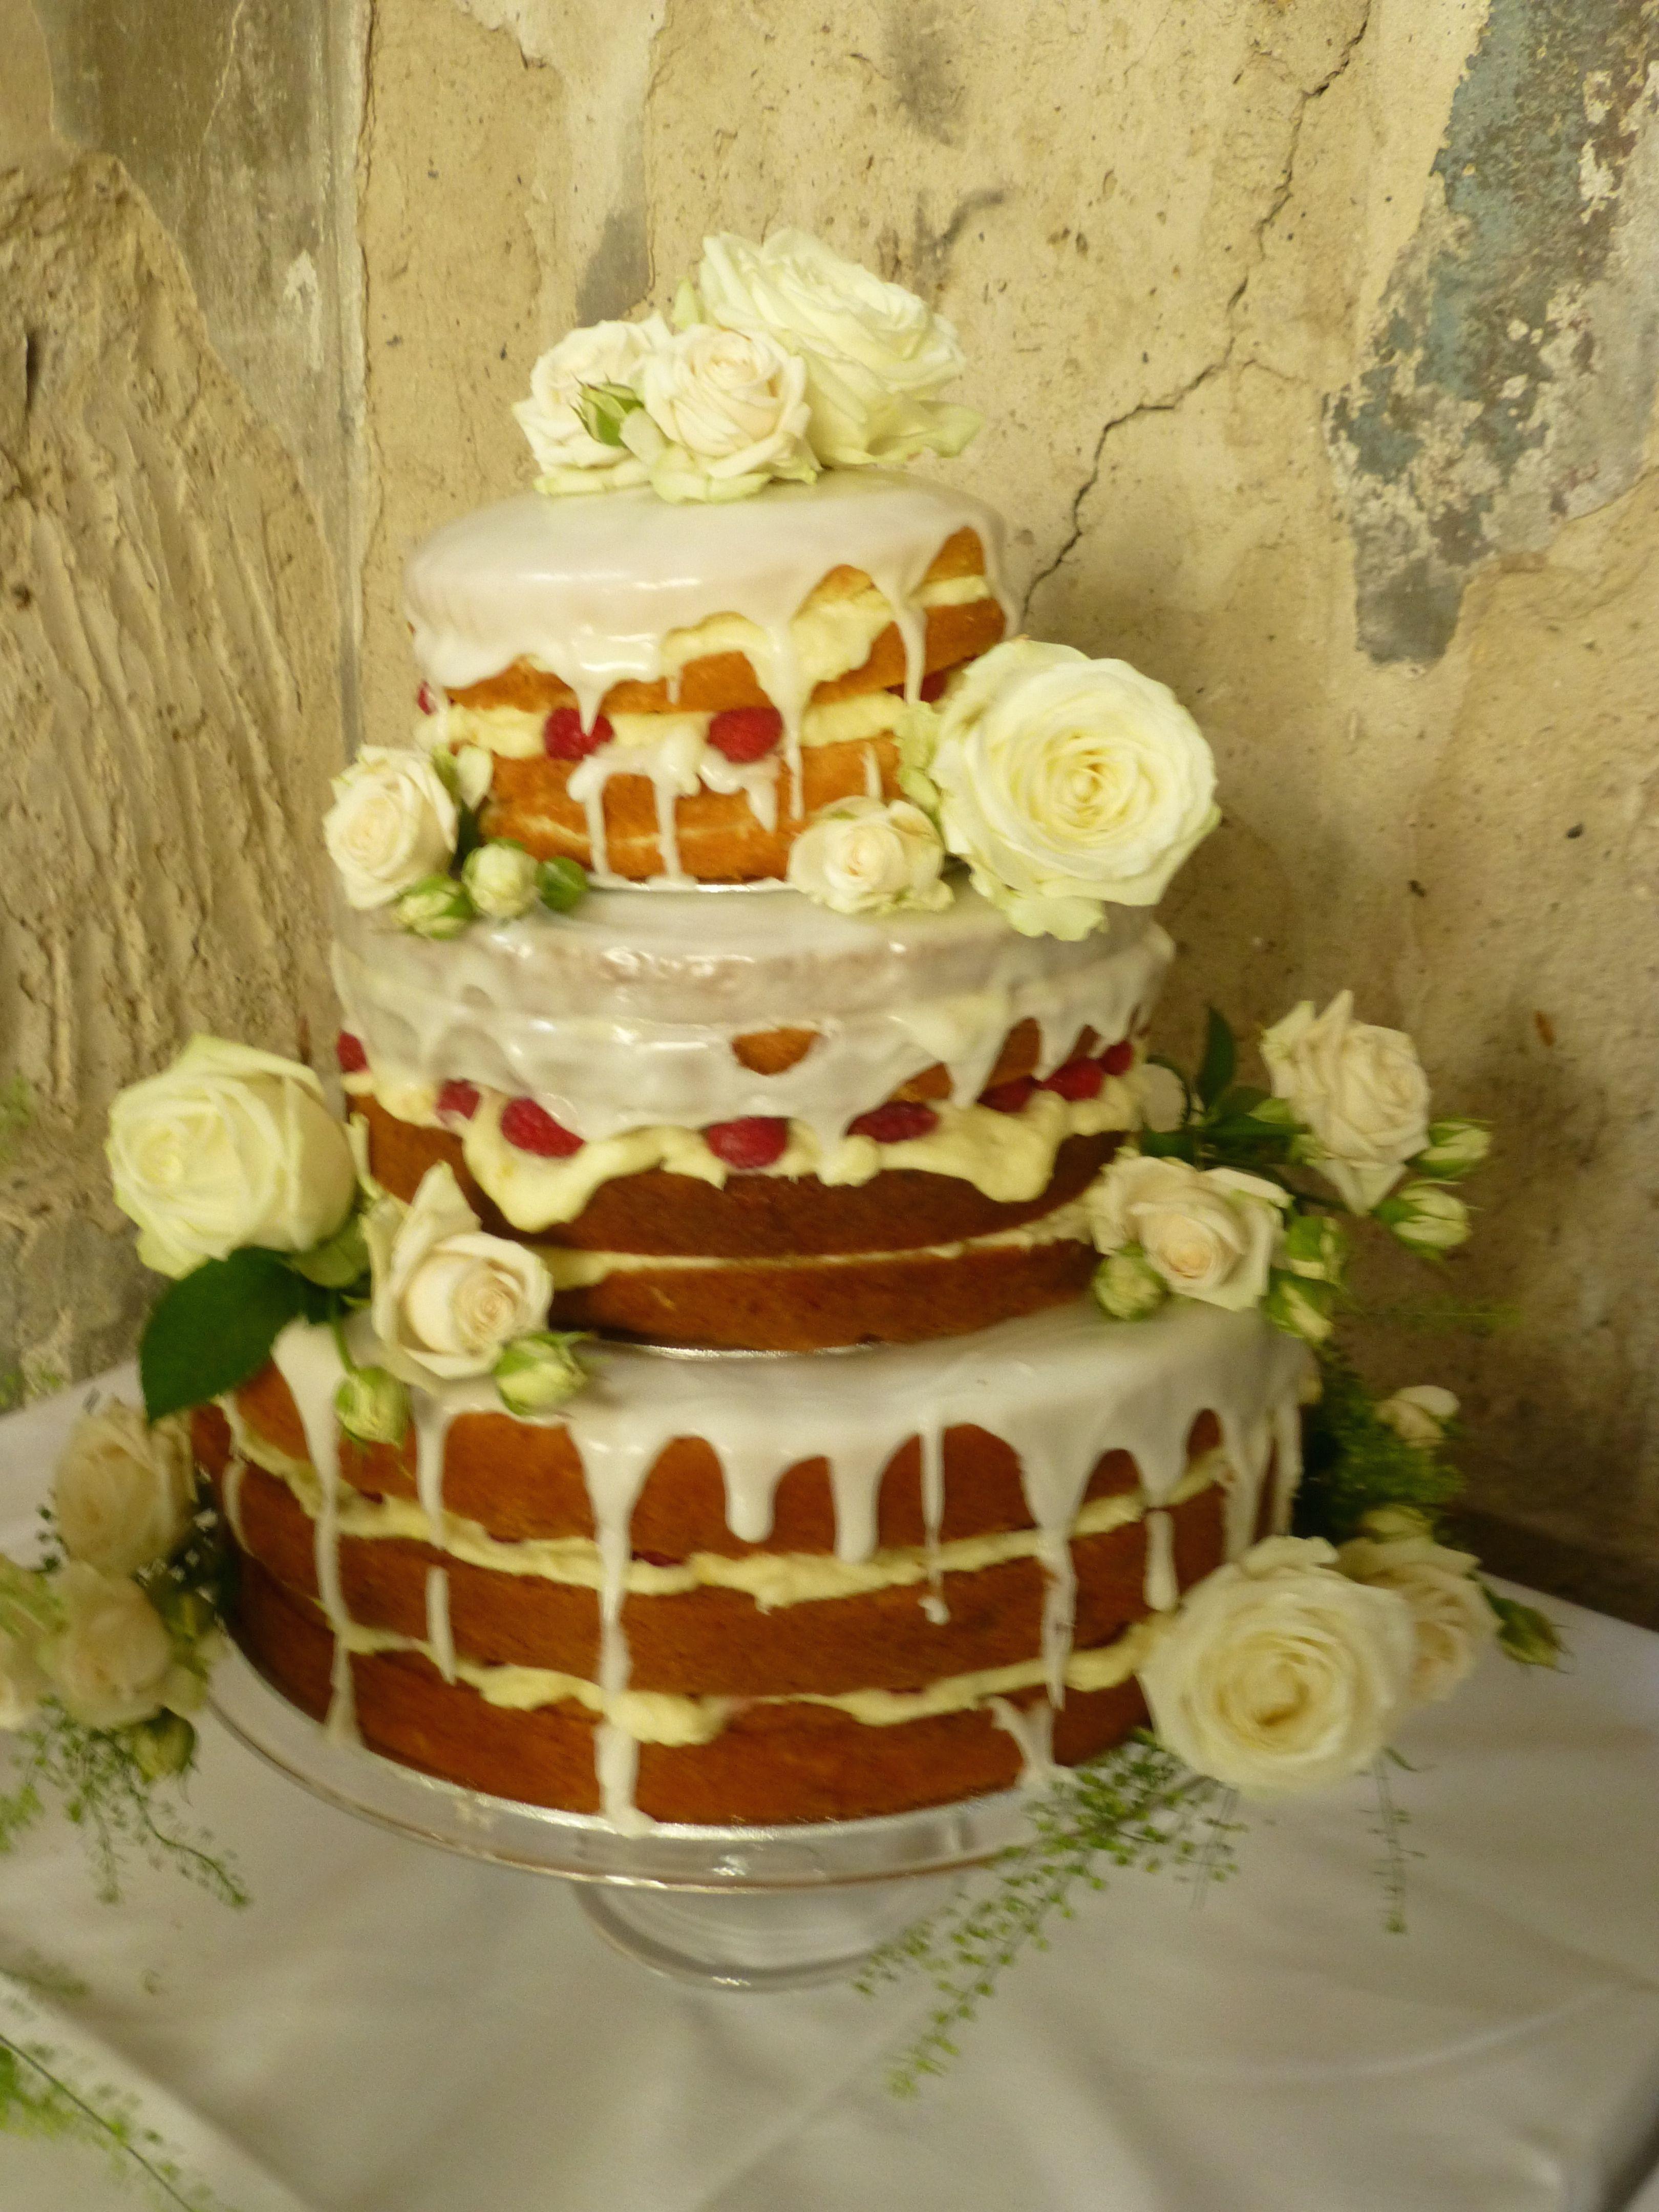 Lemon Wedding Cakes  Lemon Drizzle wedding cake